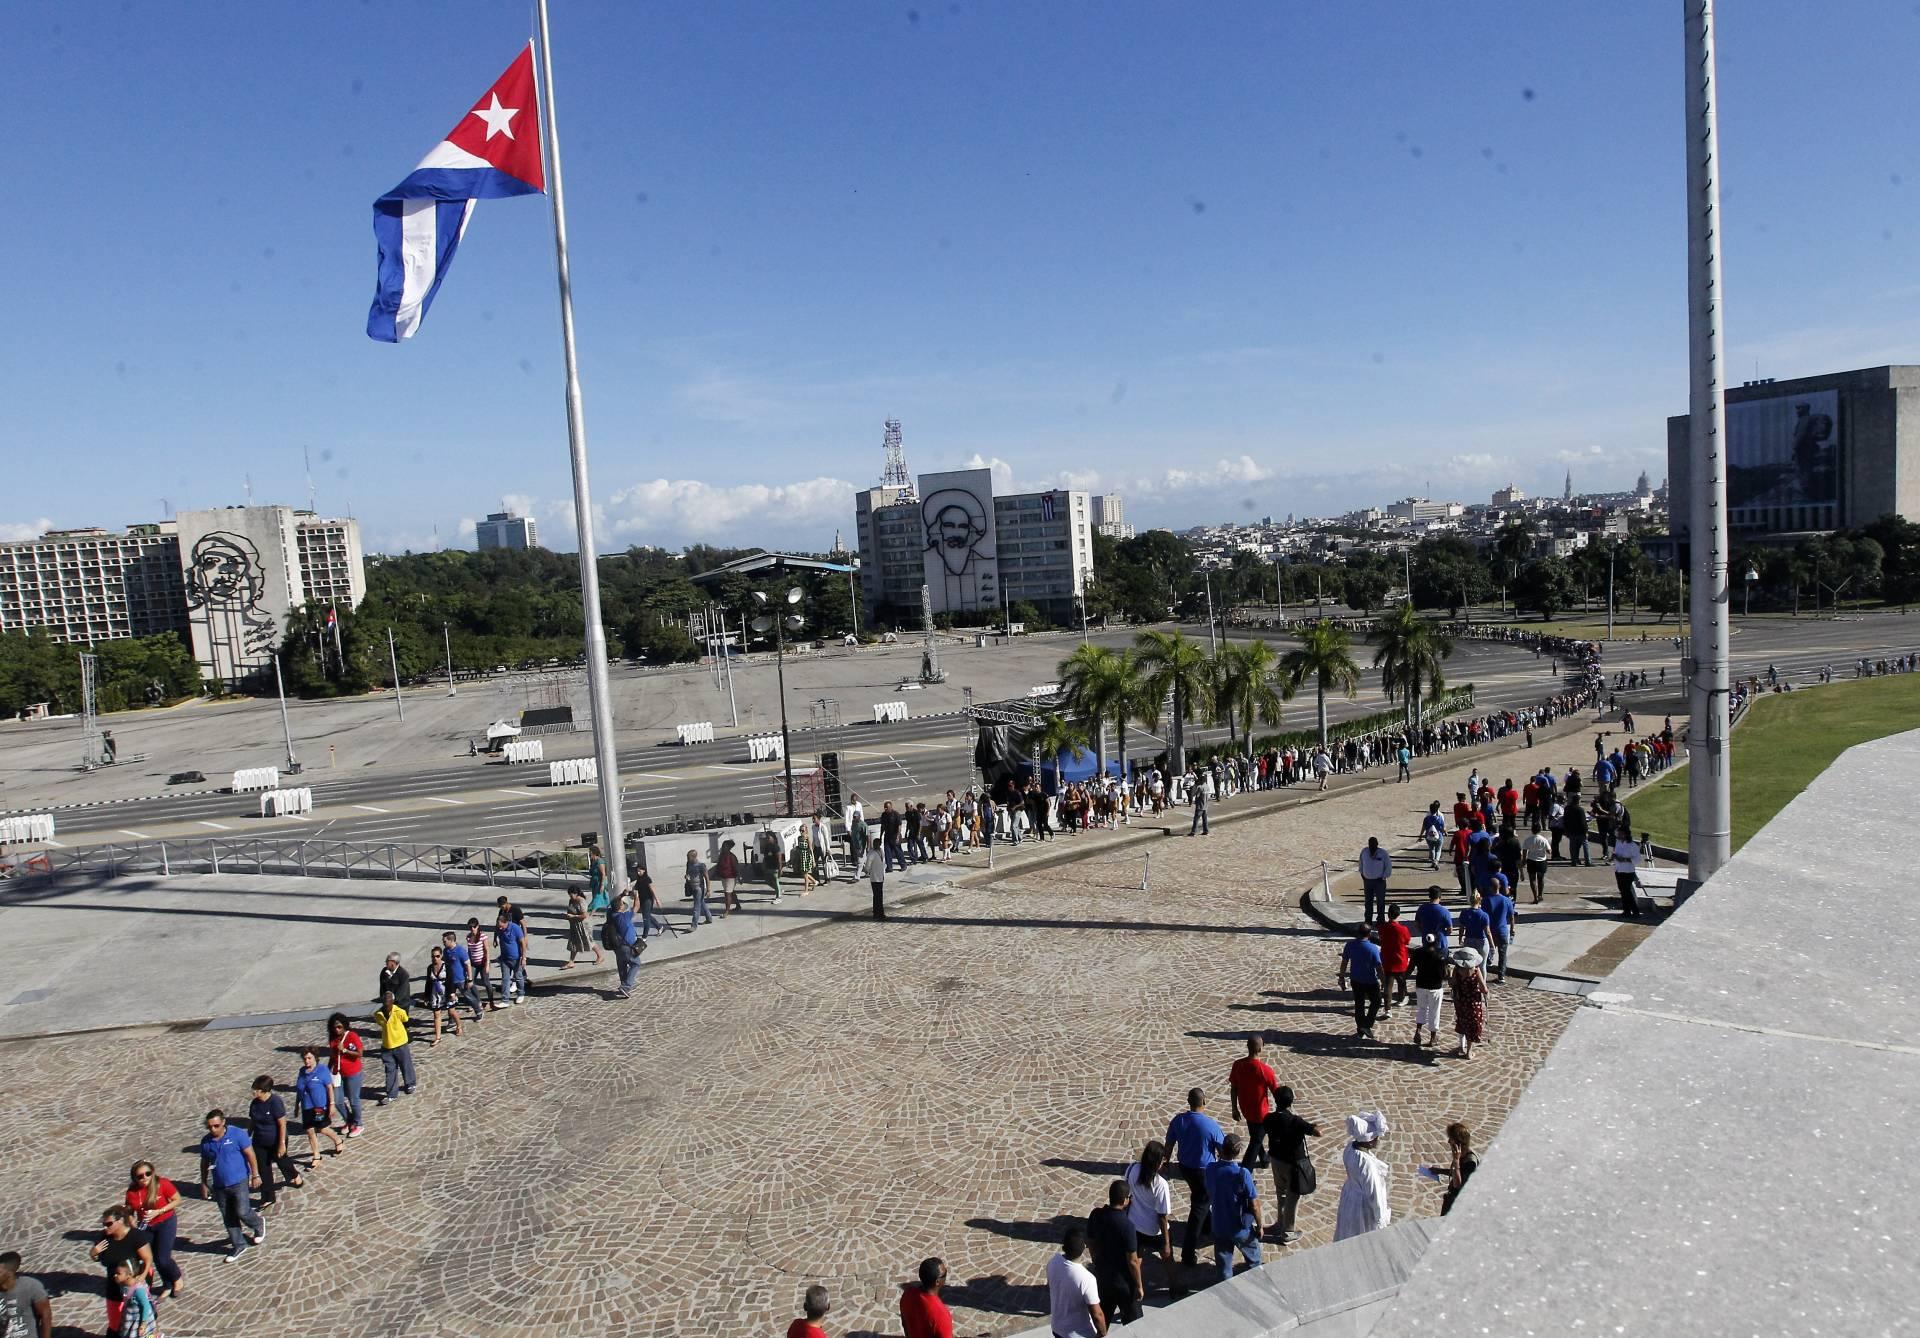 Largas colas para rendir homenaje al líder cubano.